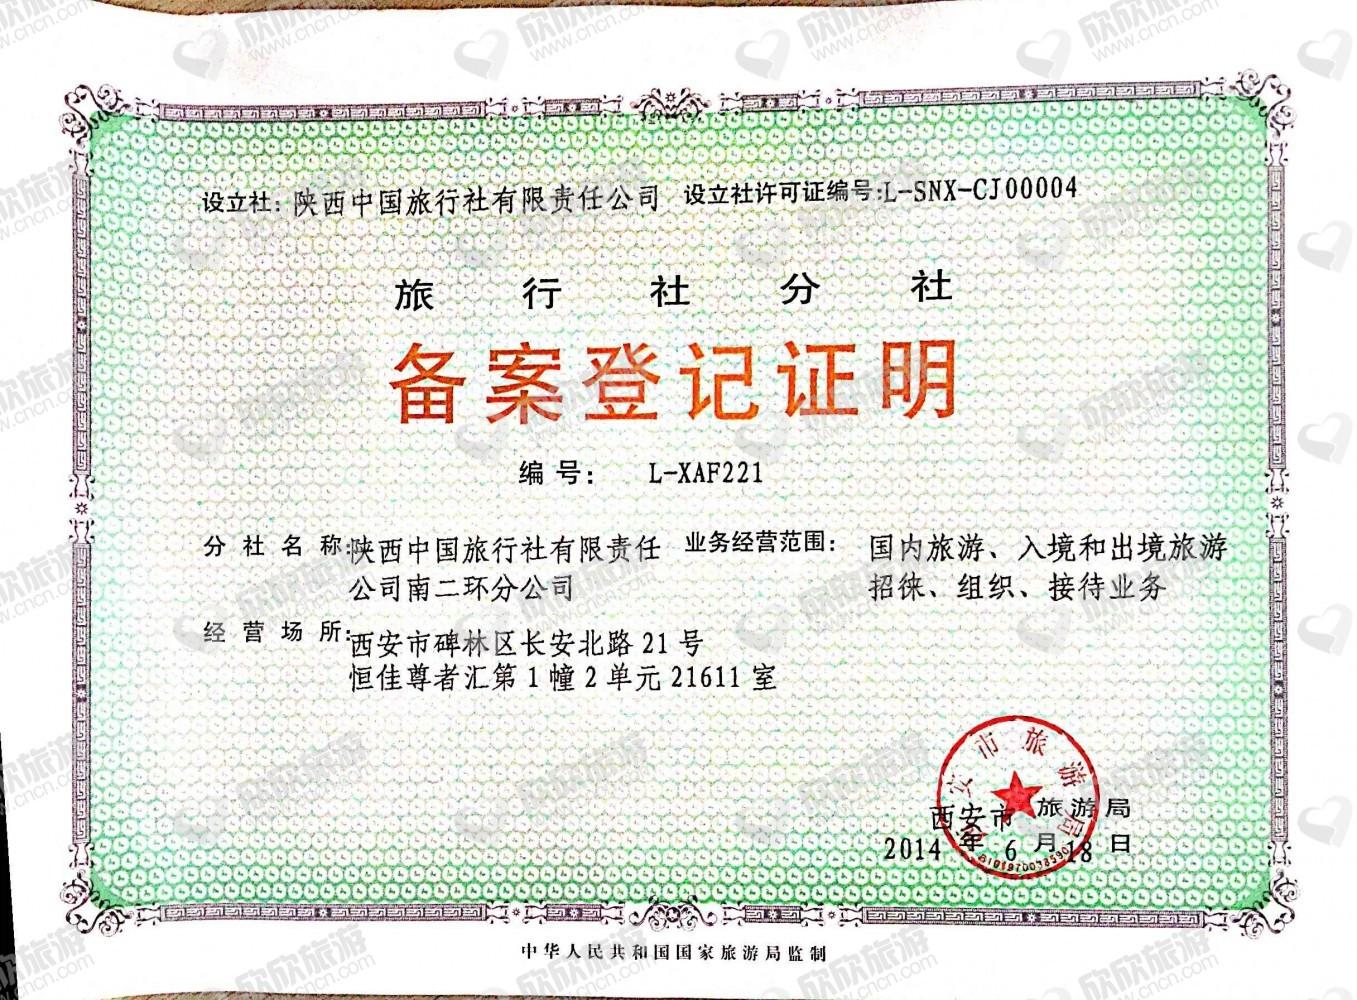 陕西中国旅行社有限责任公司南二环分公司经营许可证